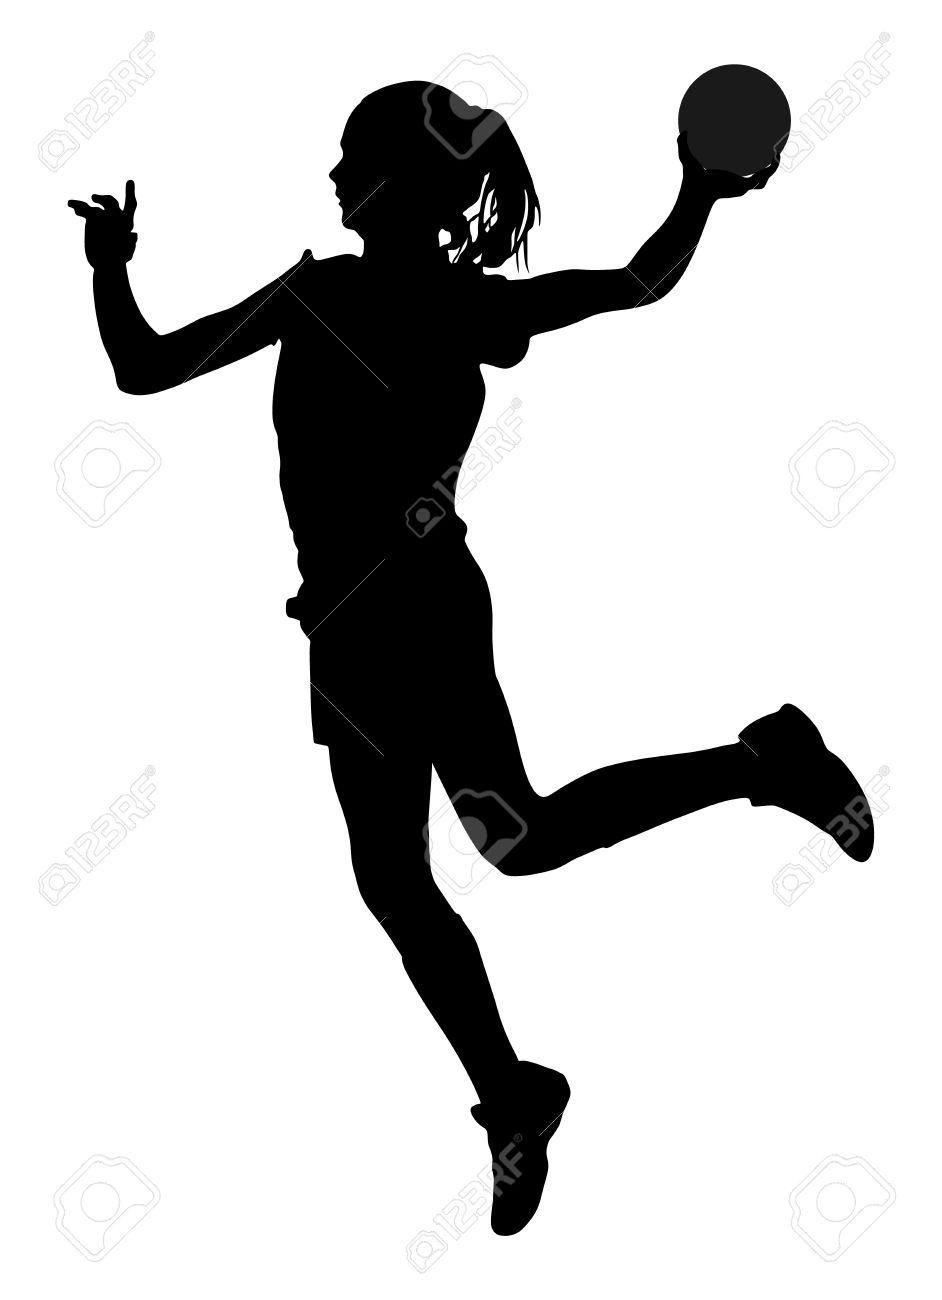 handball spieler in aktion vektor silhouette illustration isoliert auf weissem hintergrund frau handballer symbol handball madchen in die luft